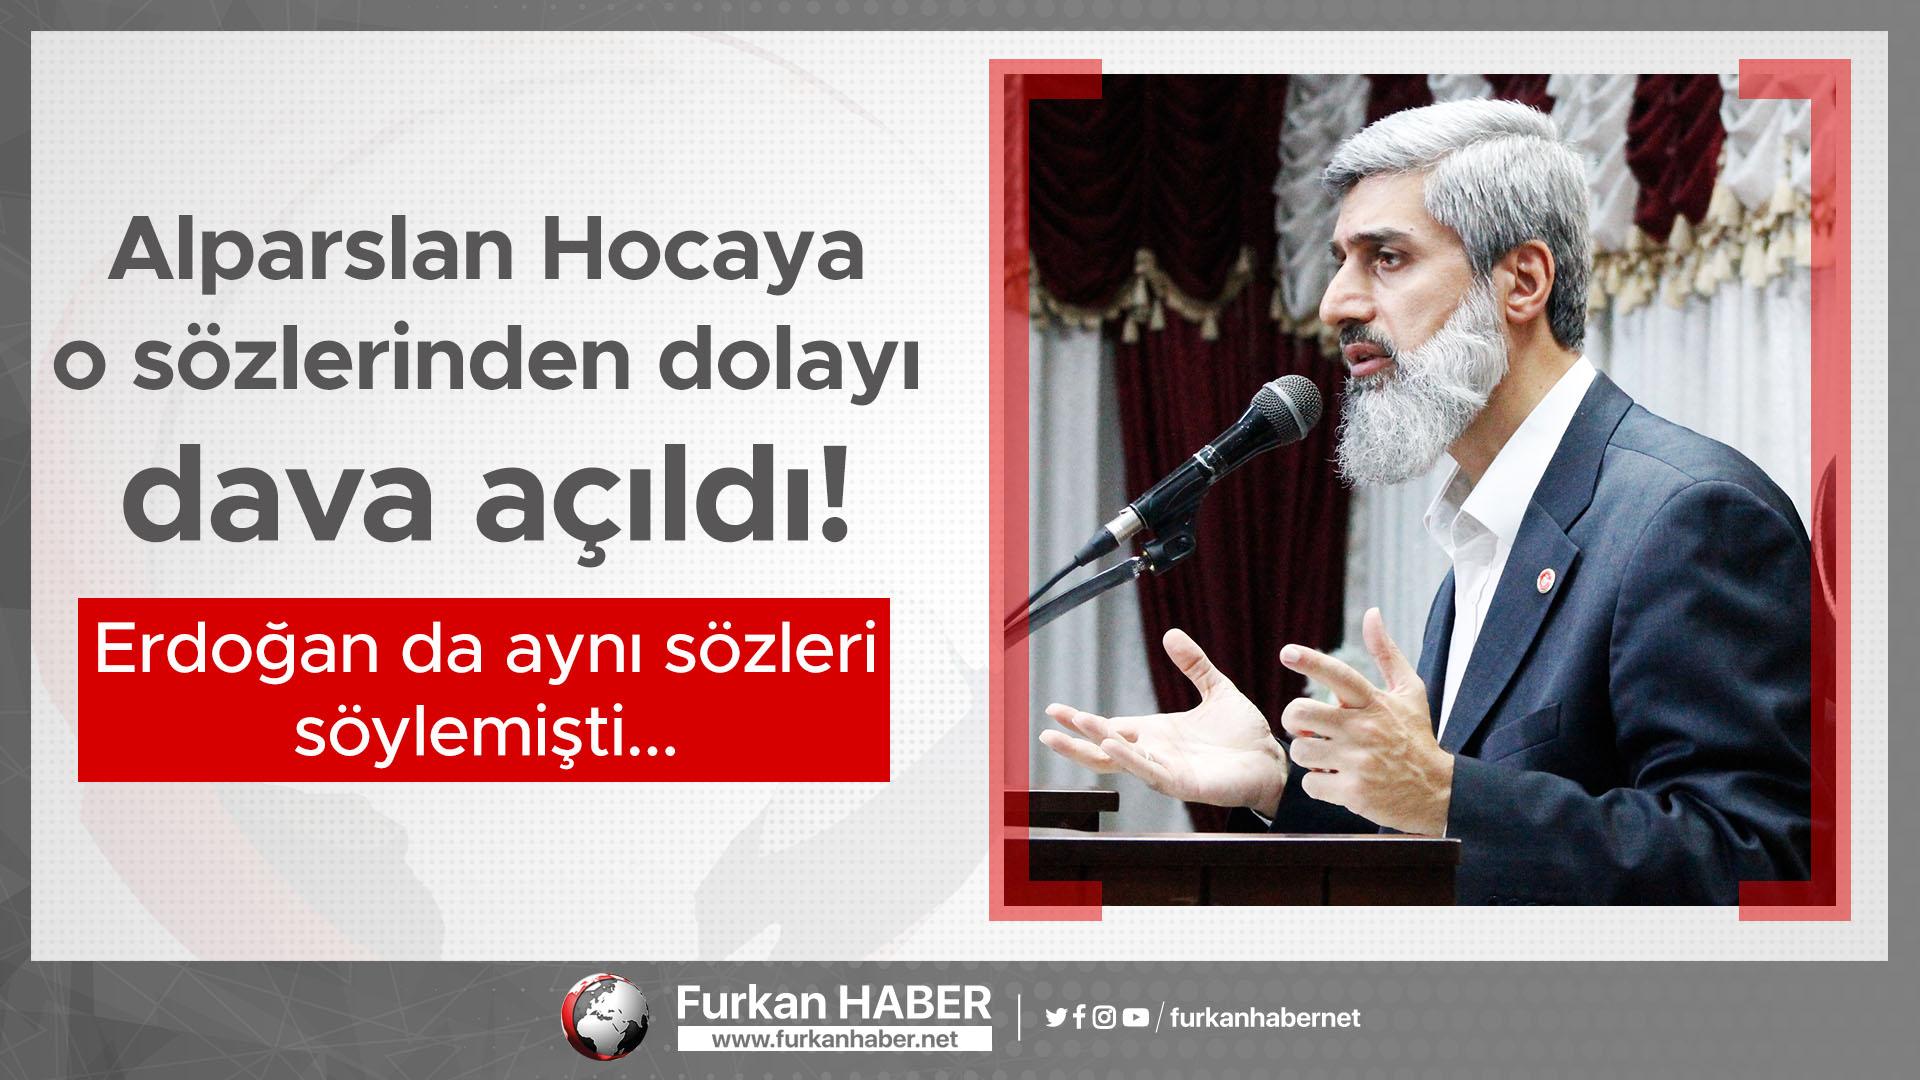 Alparslan Hocaya o sözlerinden dolayı dava açıldı! Erdoğan da aynı sözleri söylemişti...